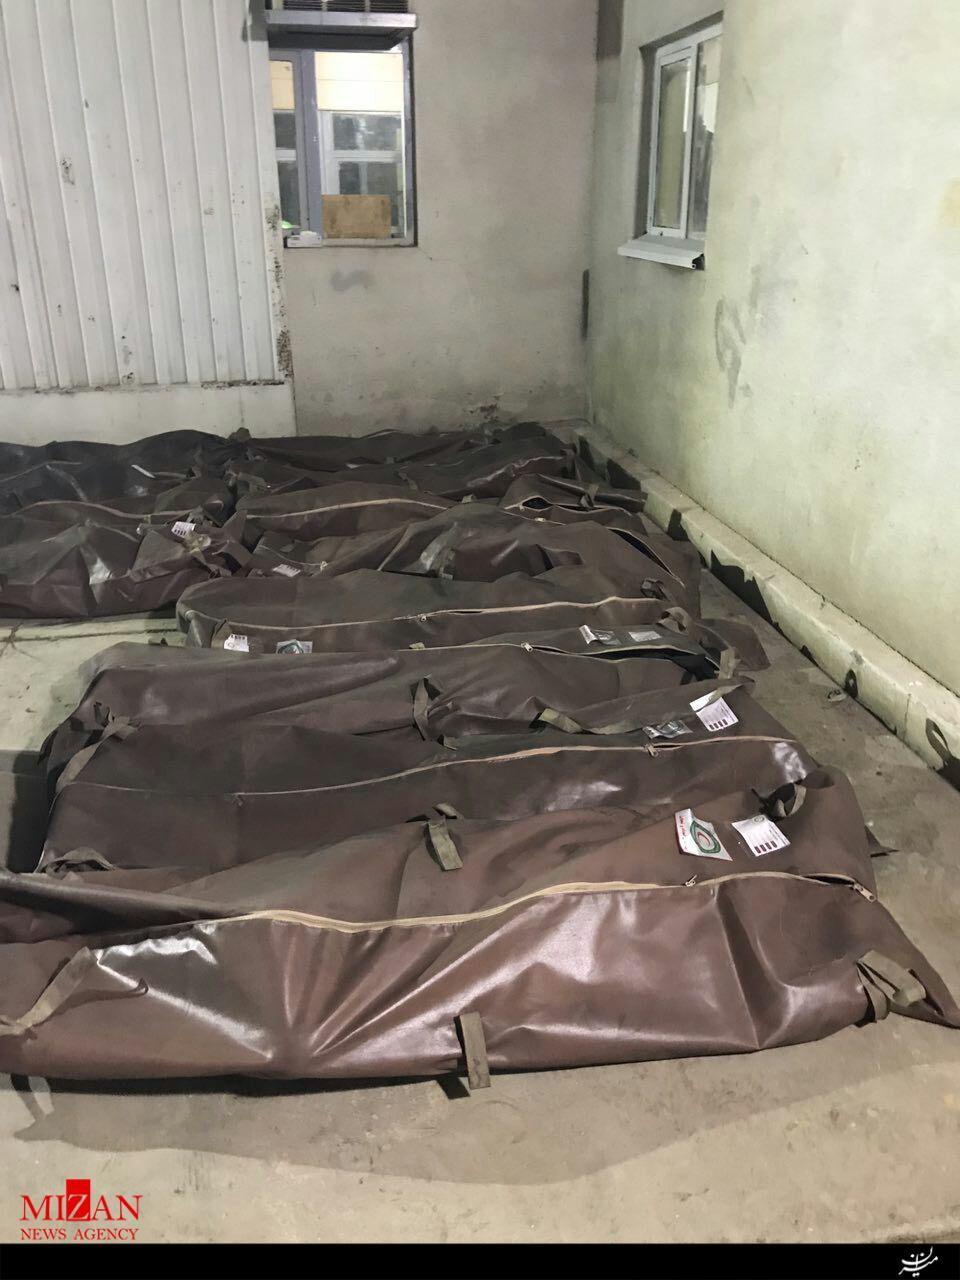 پیکرهای جانباختگان انفجار معدن گلستان (عکس)